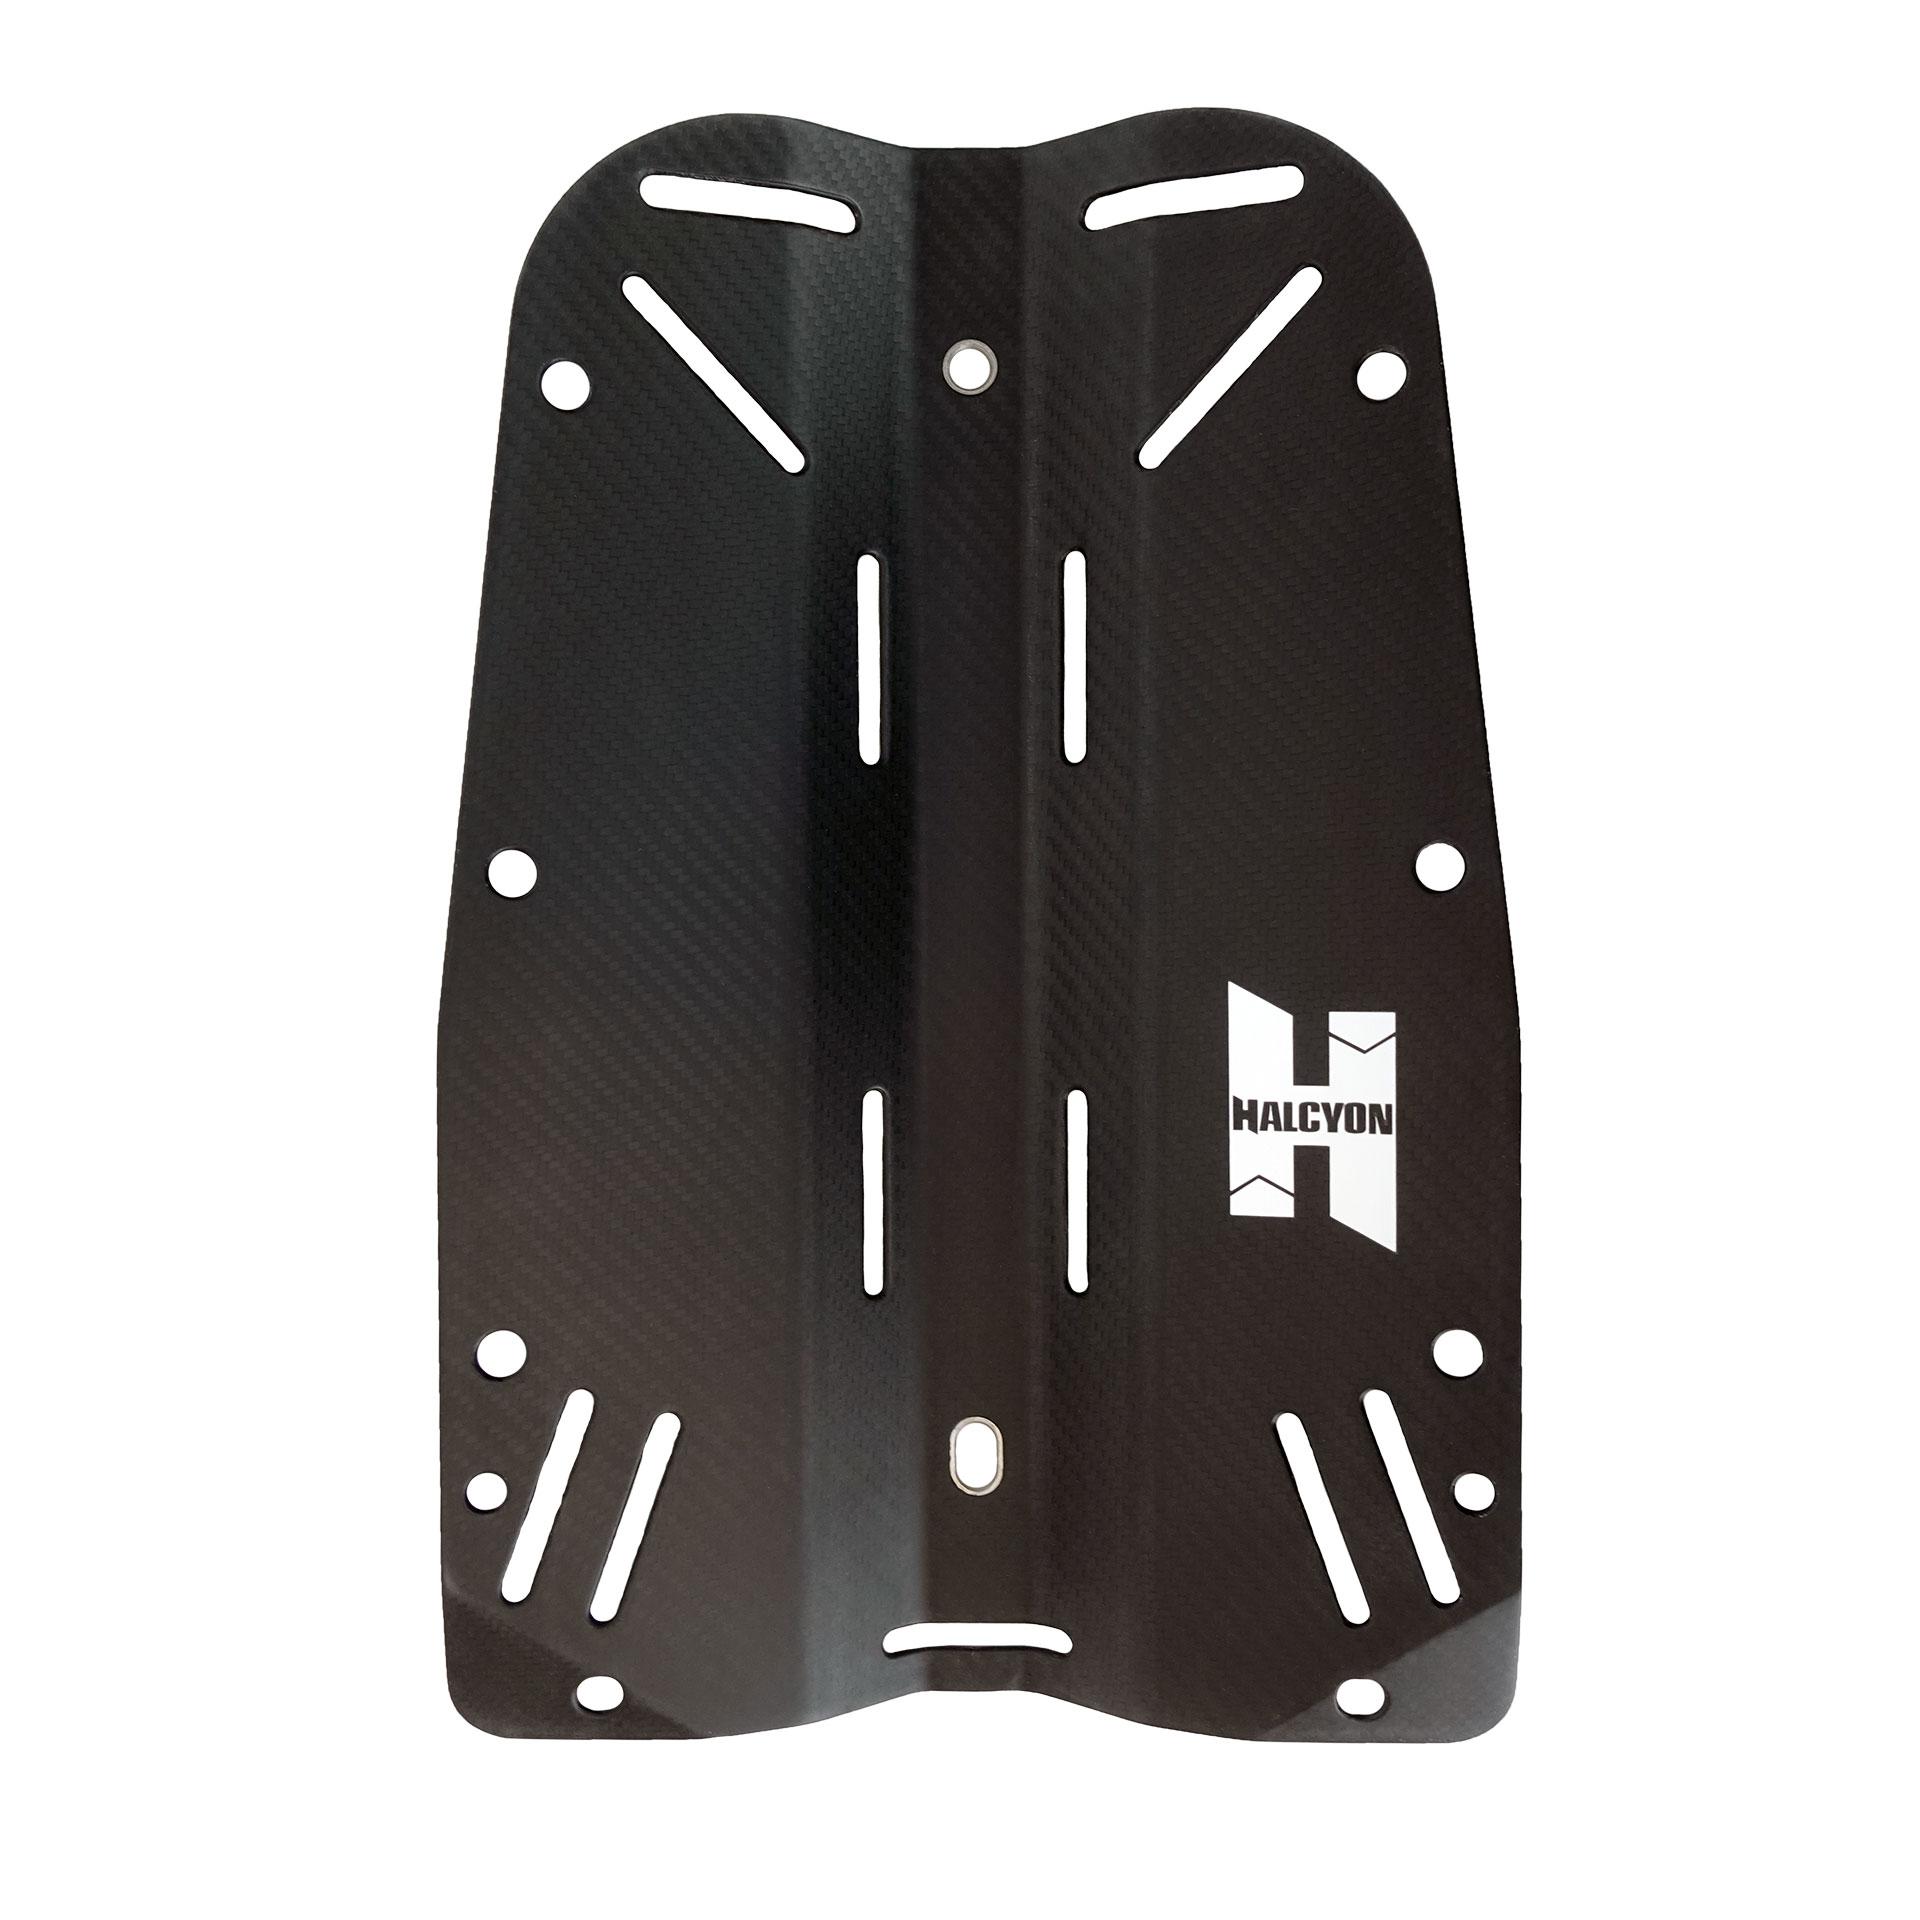 Carbon Fiber Backplate